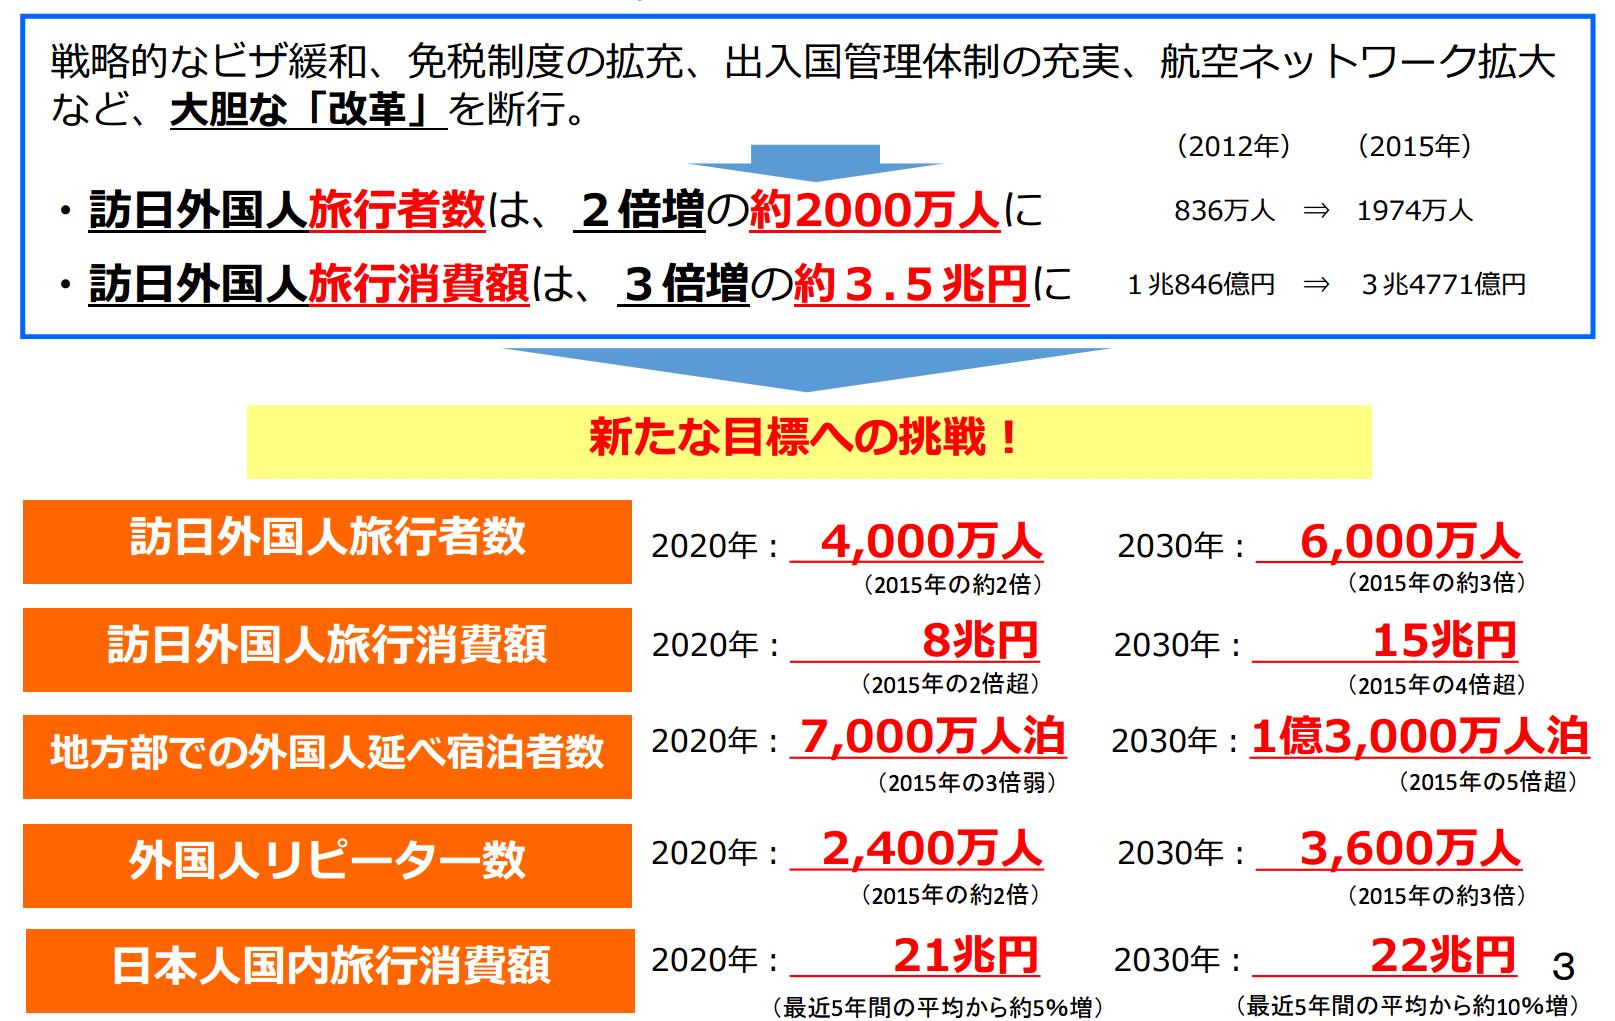 観光庁、インバウンド数2020年の目標は4000万人、2030年には6000万人 17